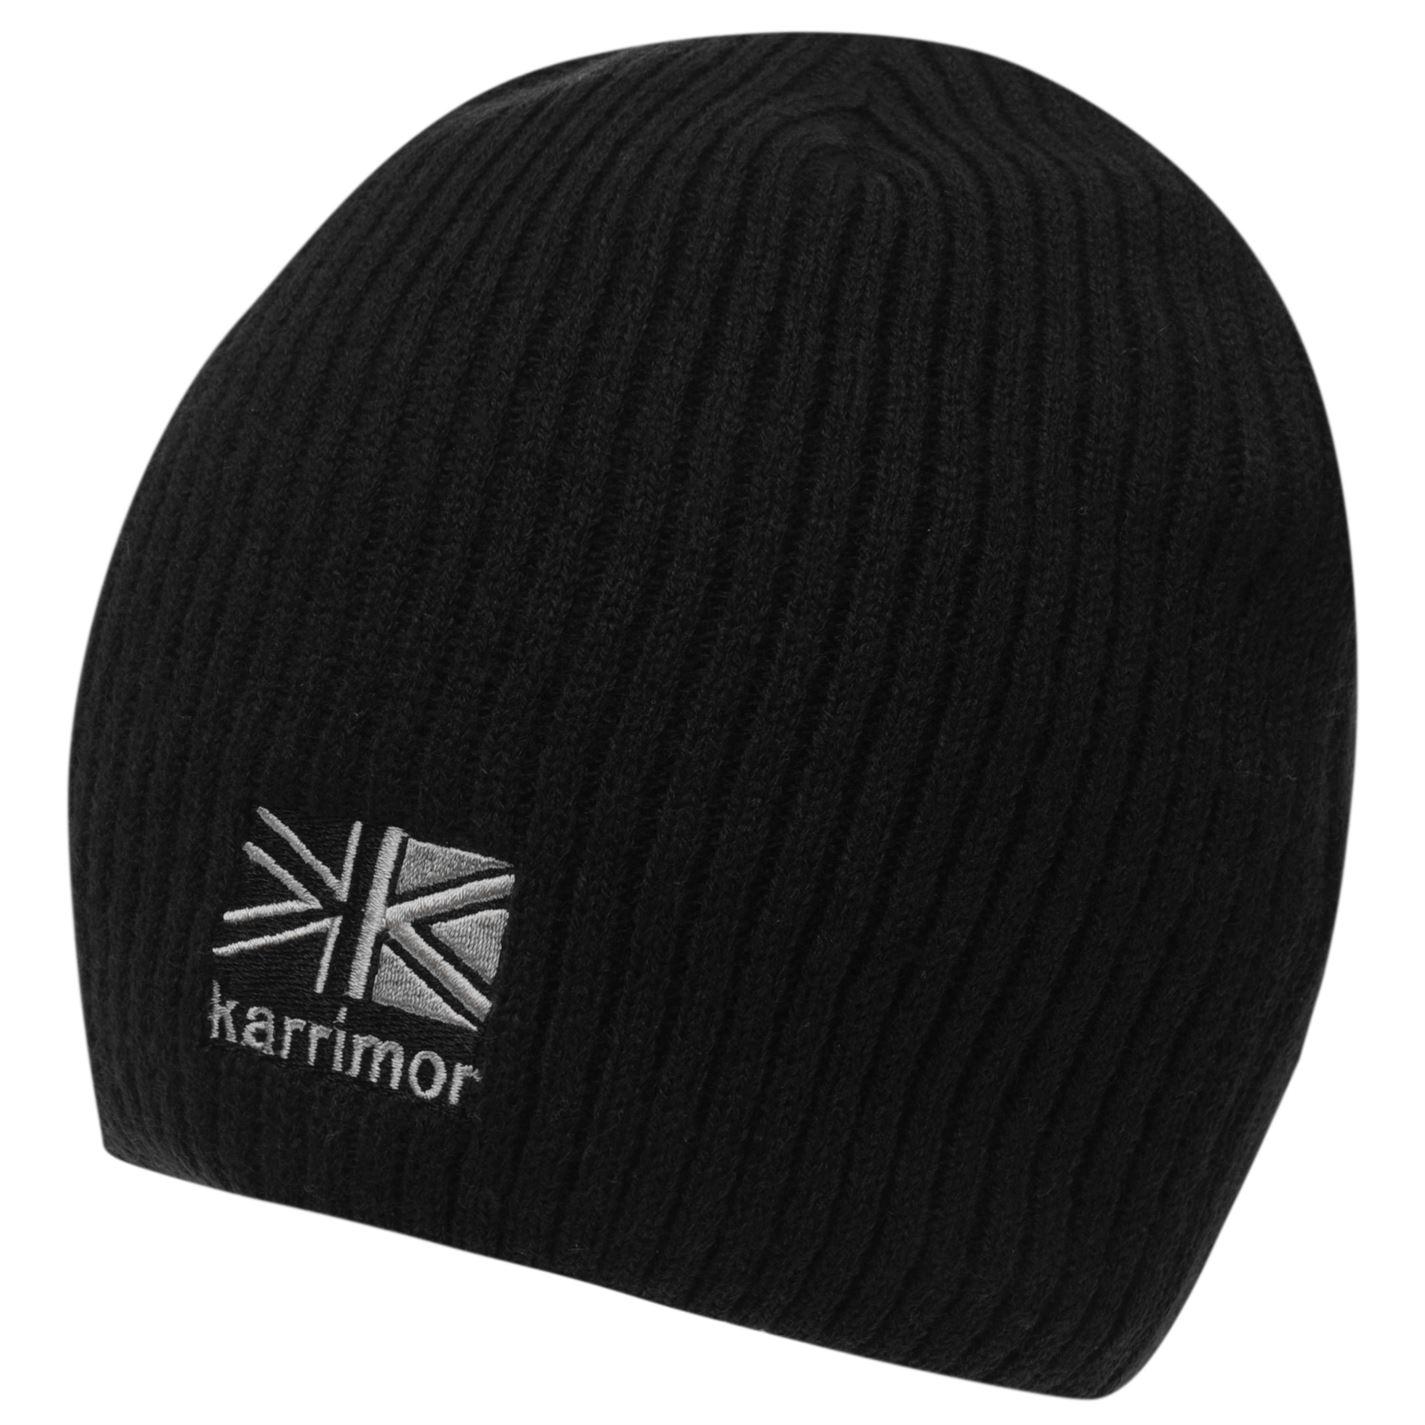 Karrimor Running Hat Mens